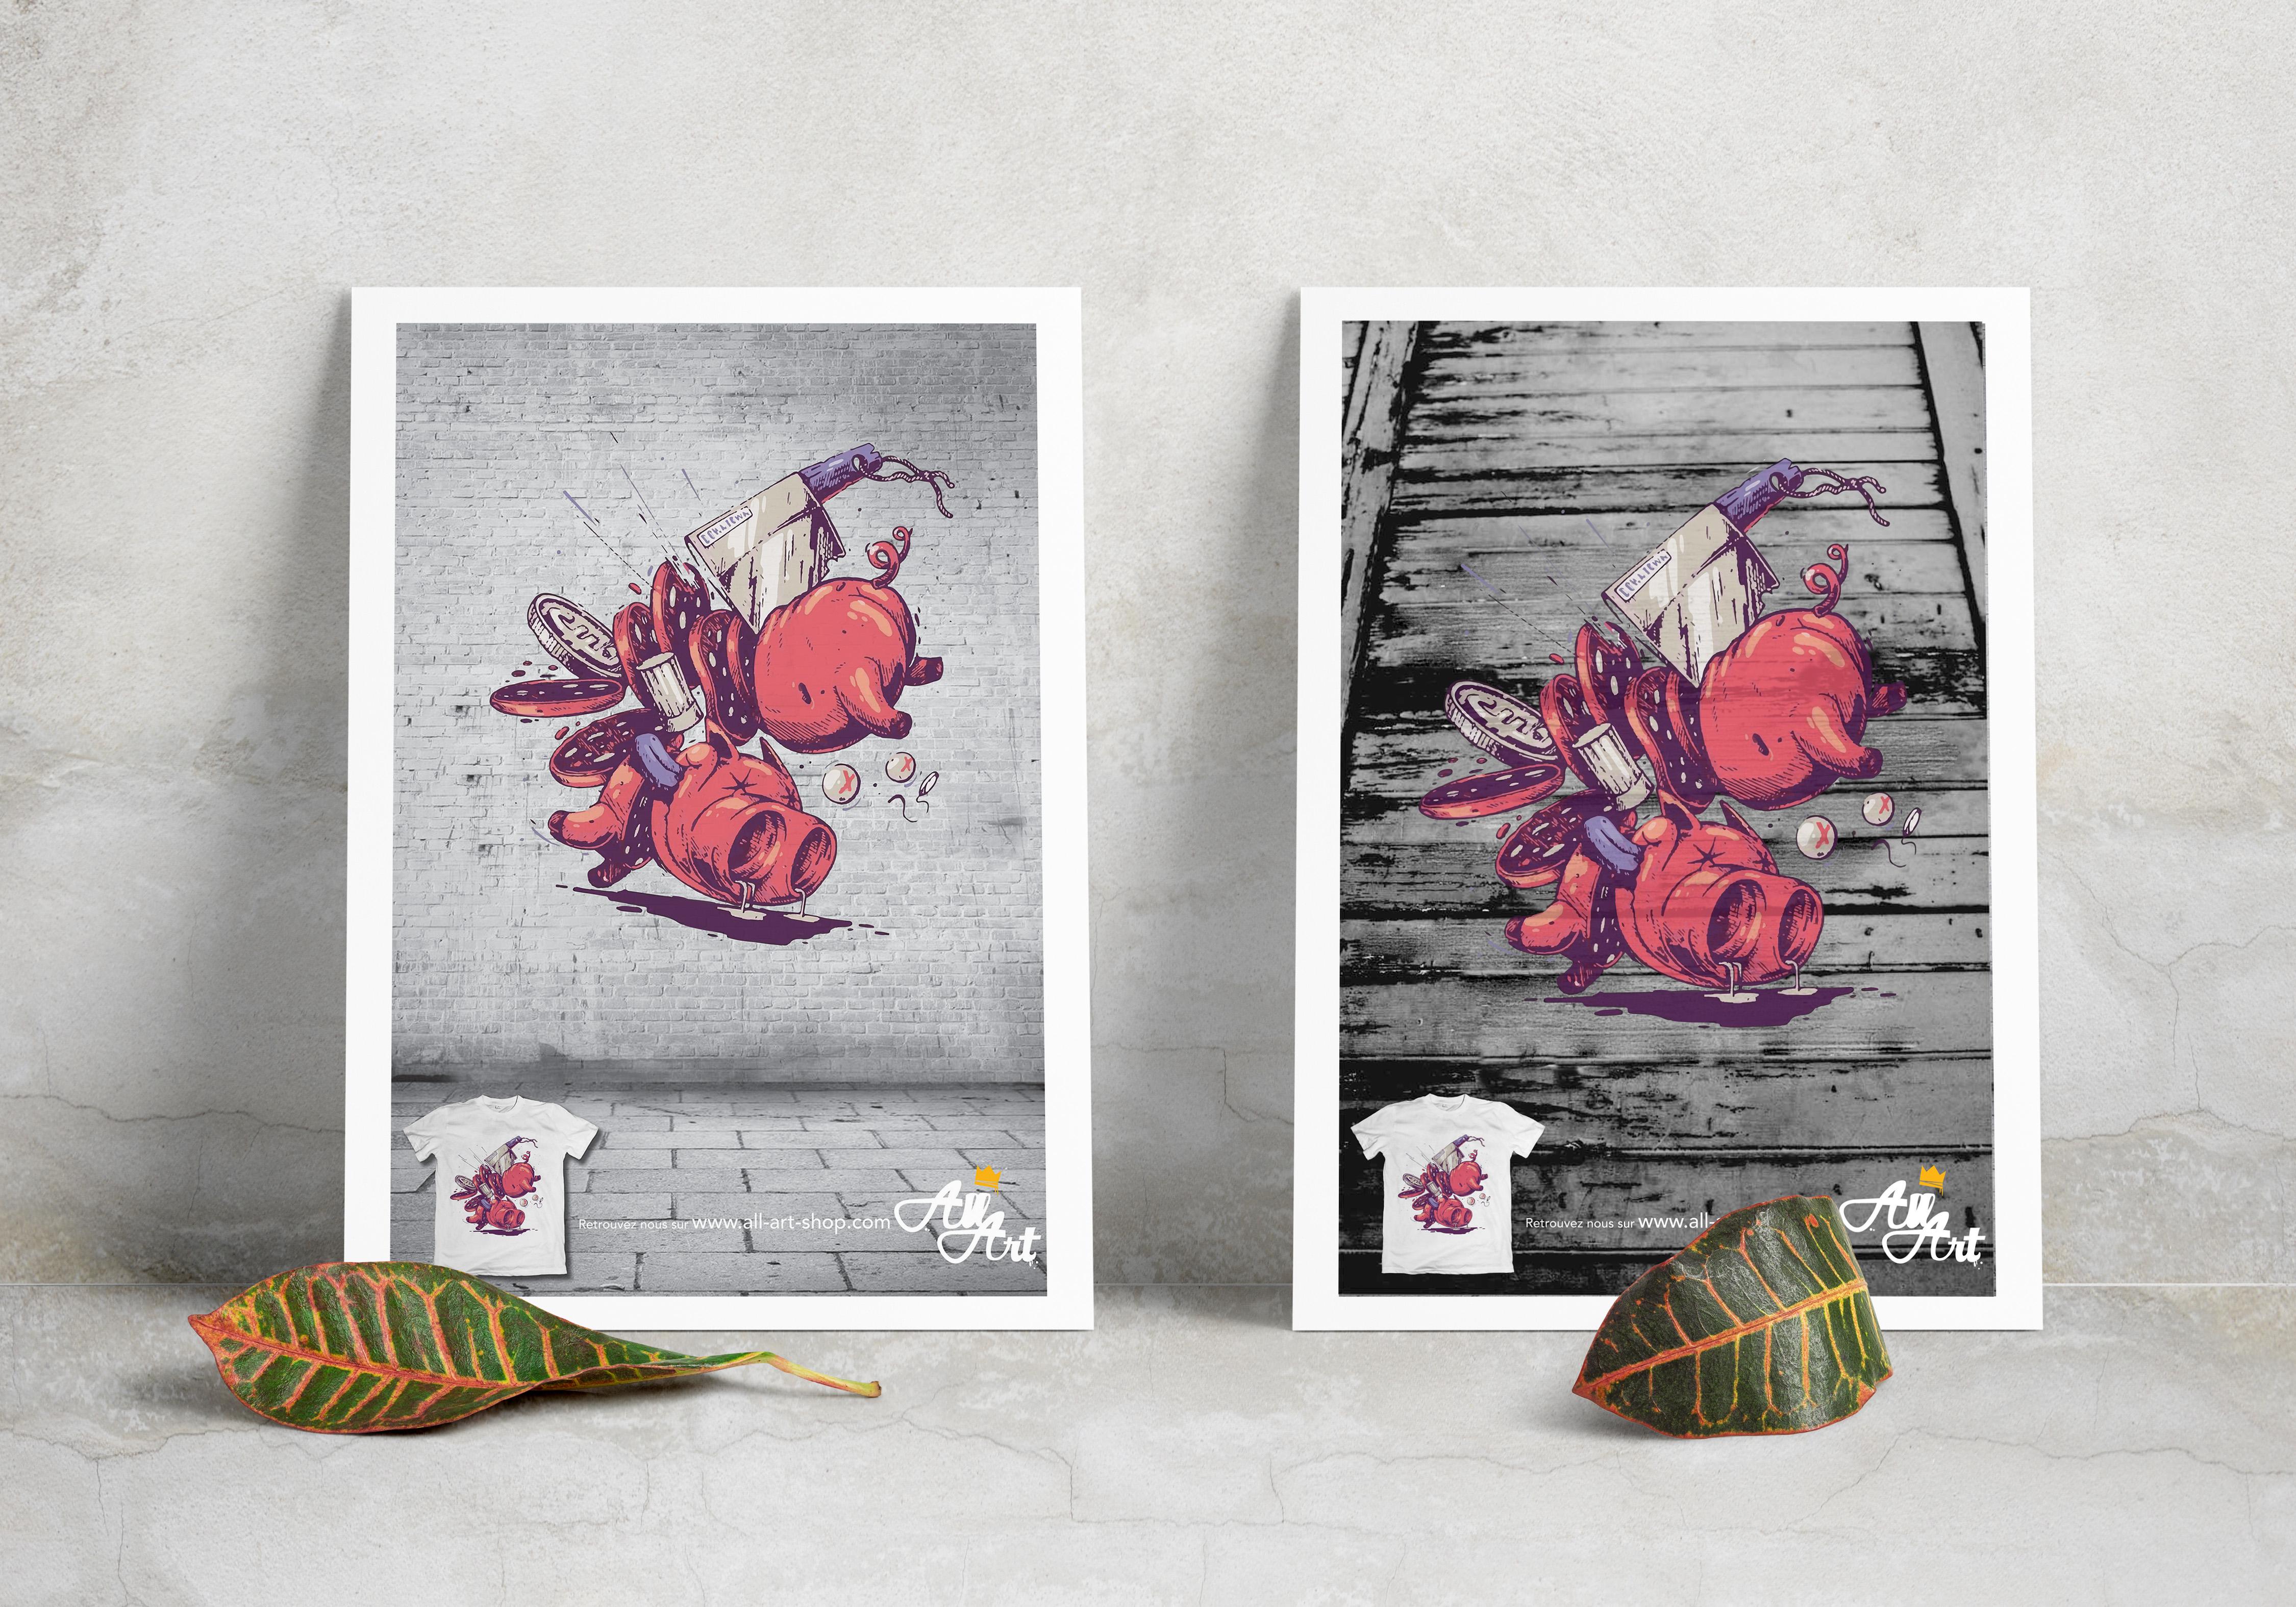 Projet-All-Art-BrandDesign-Julia-Capdebos.jpg